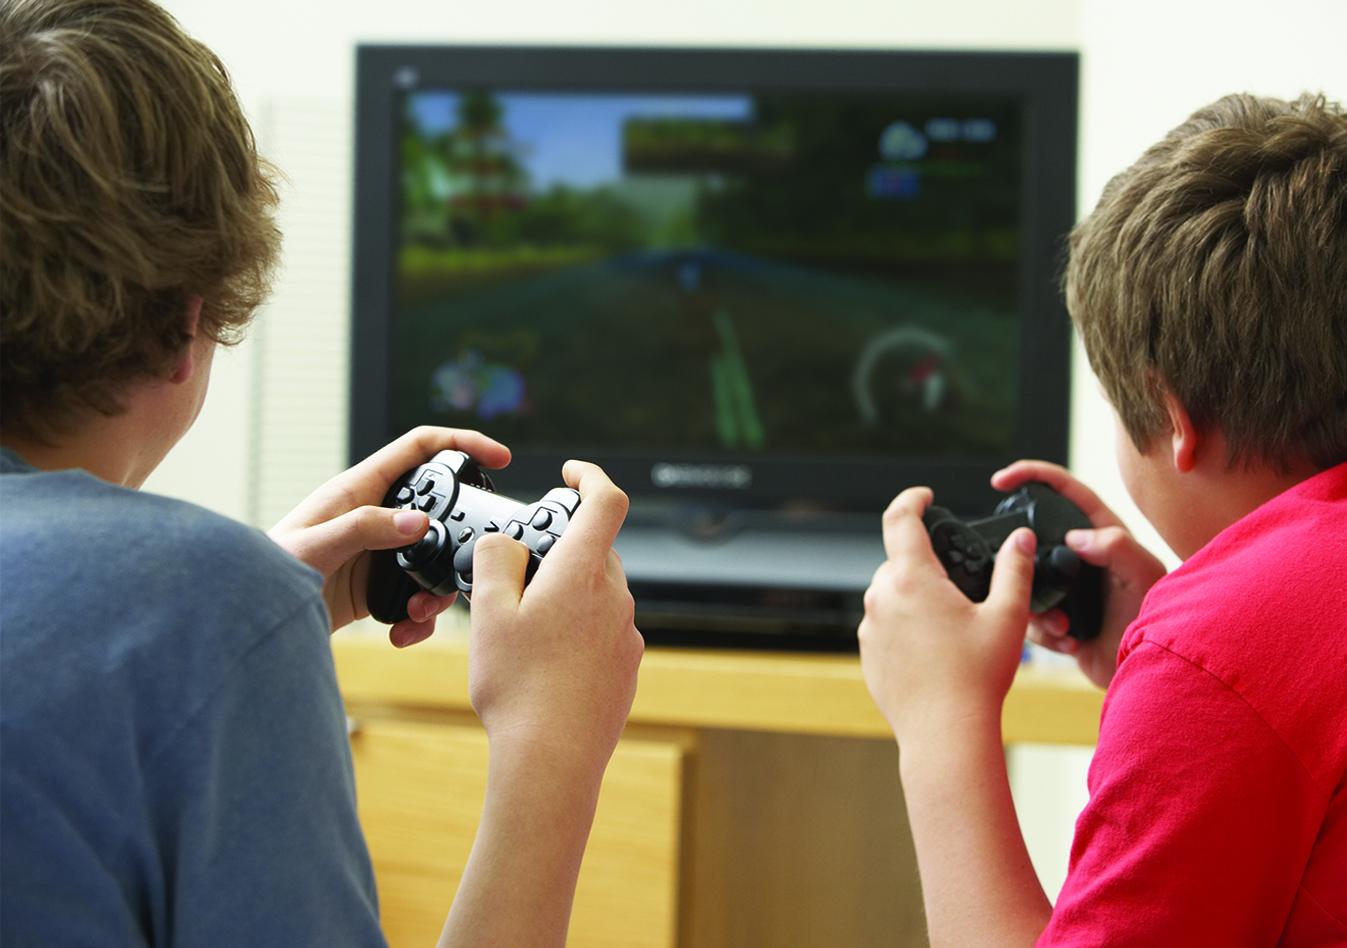 Video Games & Children's Eye Health